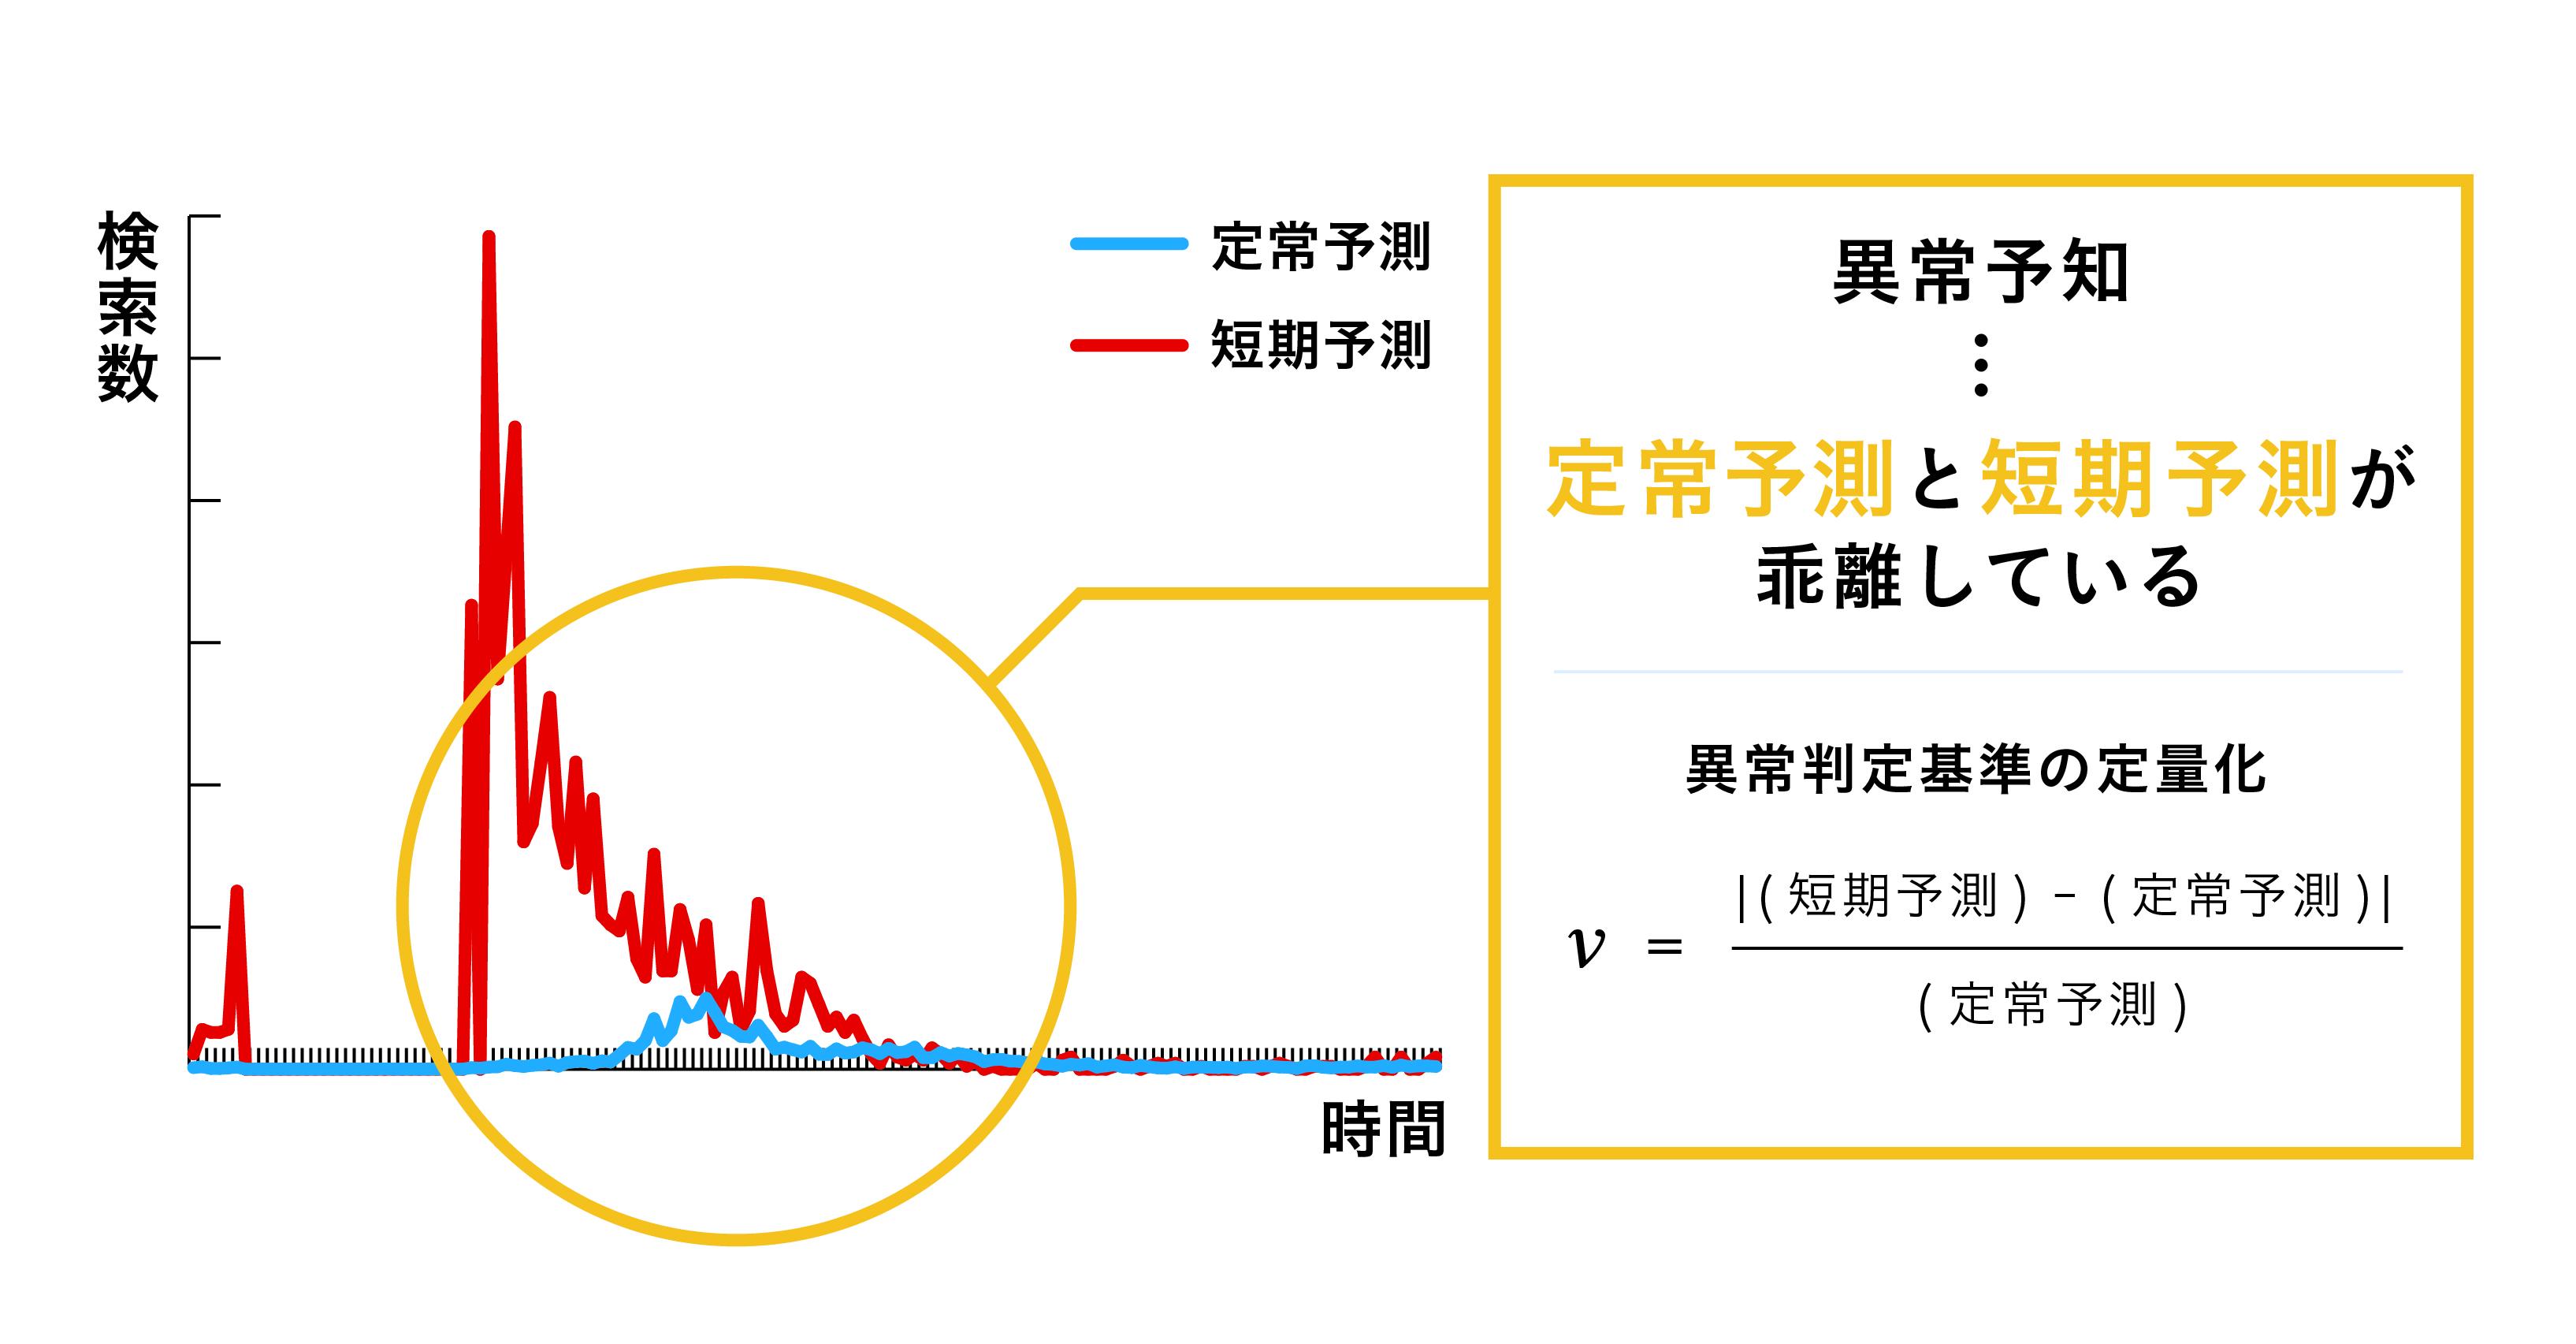 定常予測の波形に対して短期予測が大きく乖離している場合に混雑を計測することができることを説明する図